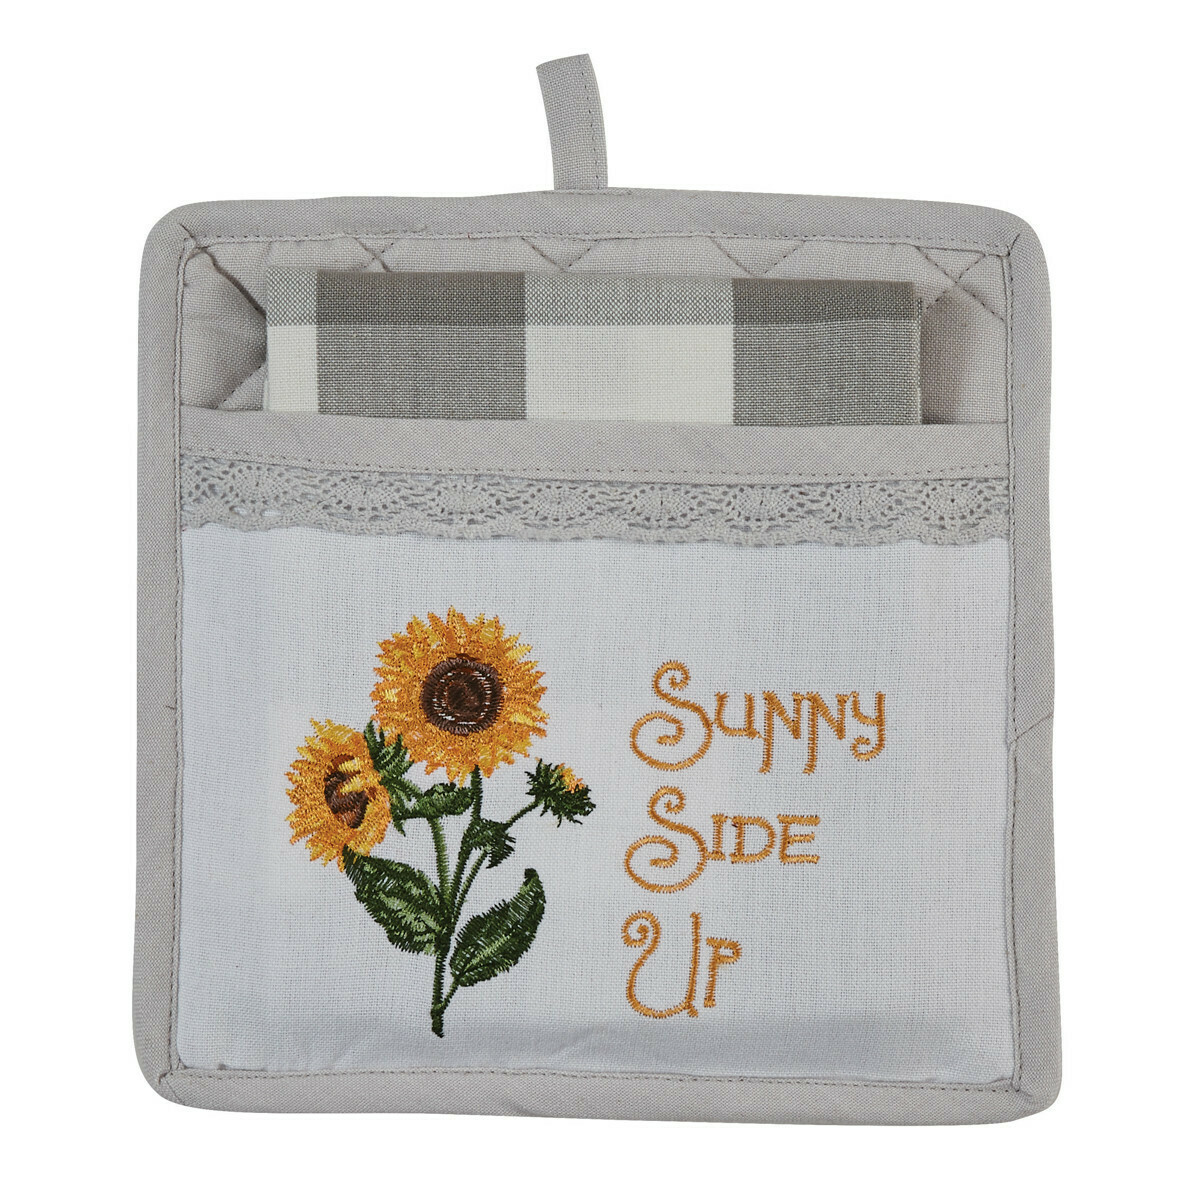 Sunny Side Up Pocket Potholder Set